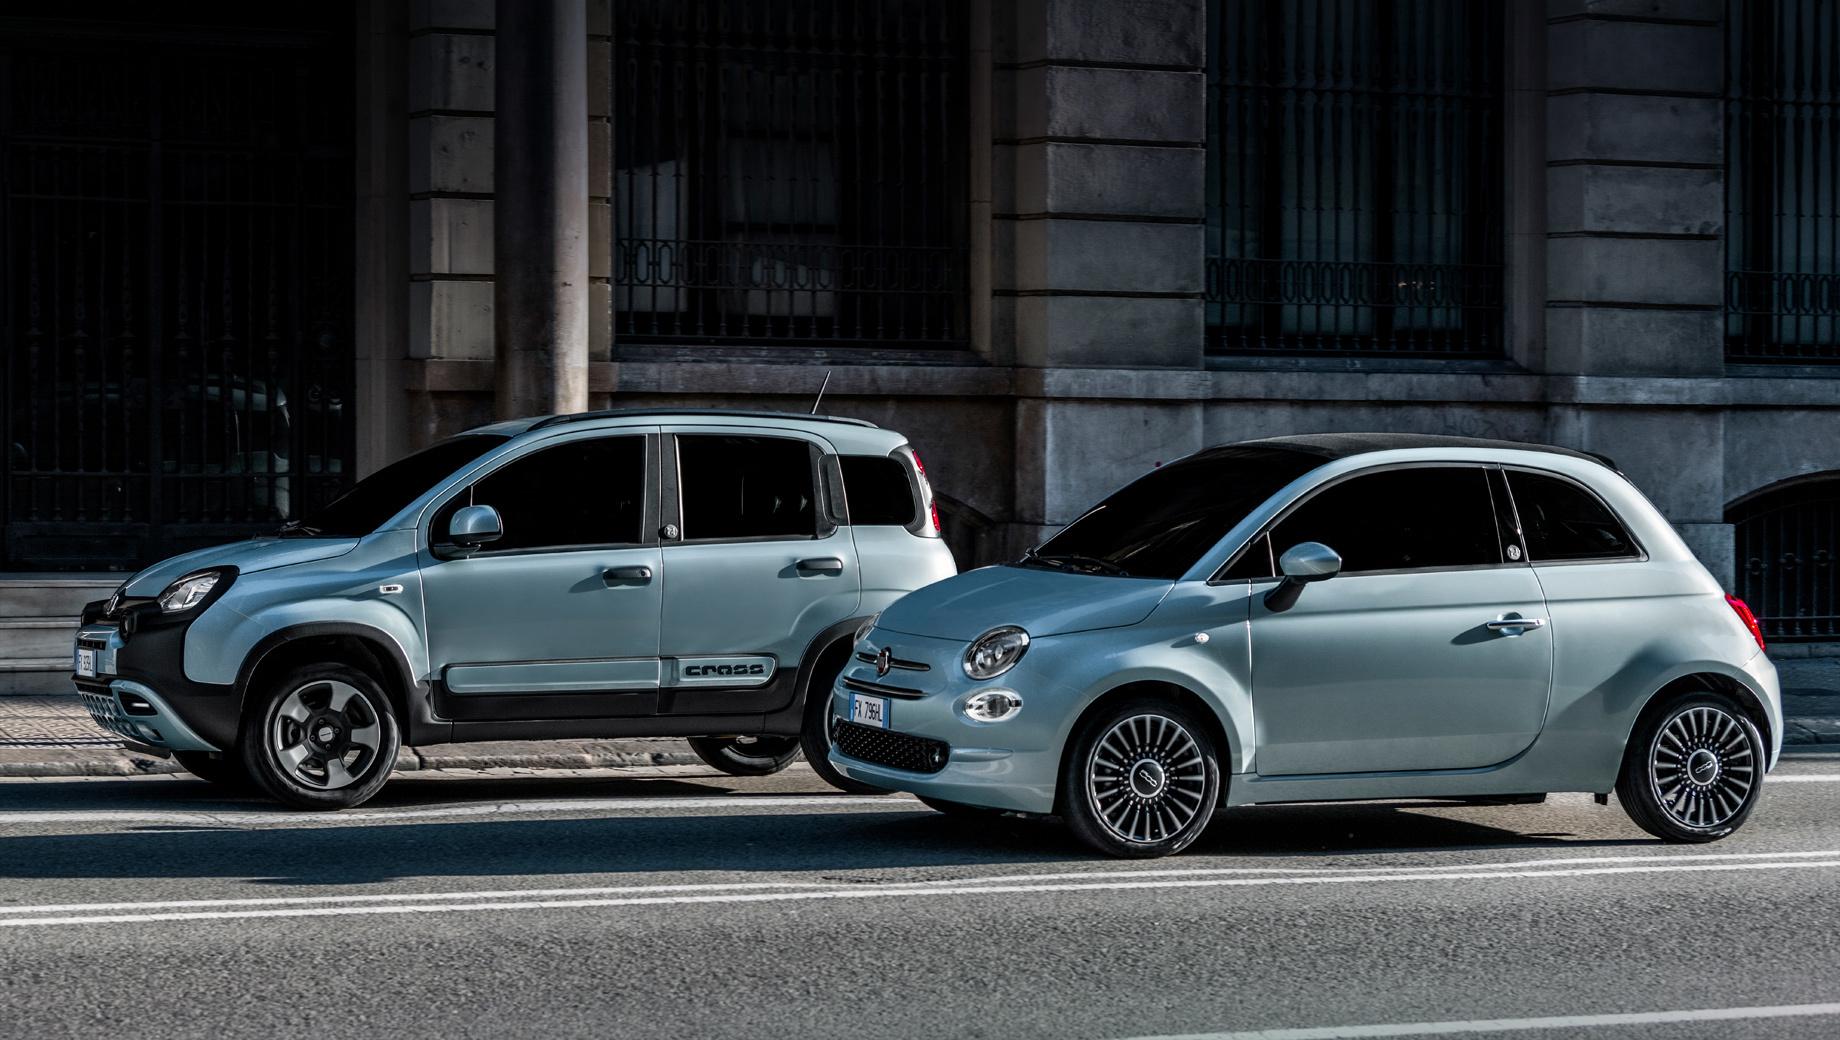 Fiat 500,Fiat panda. Внешне умеренные Фиаты отличаются шильдиками Hybrid на корме и образованным двумя каплями росы логотипом «Н», который размещён на центральных стойках. Внутри узнать гибрид можно по TFT-дисплею в приборке, схематически показывающему процесс рекуперации.